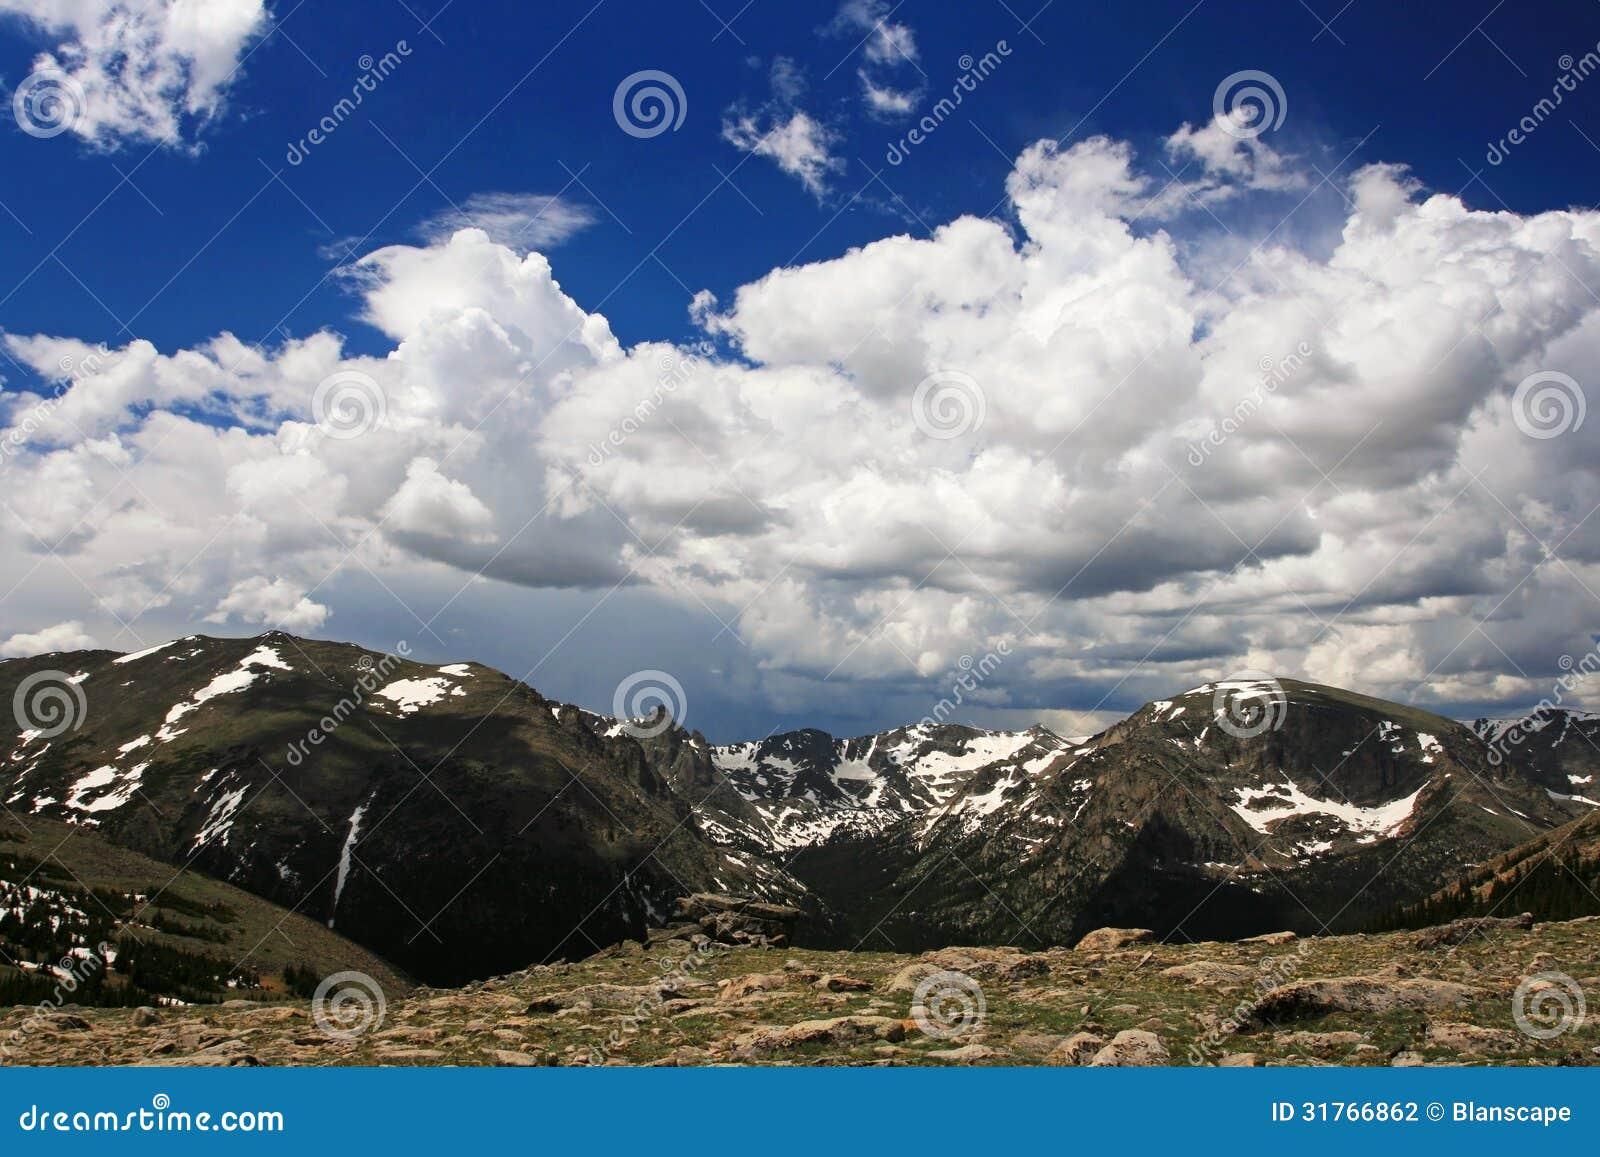 Mountain Avens